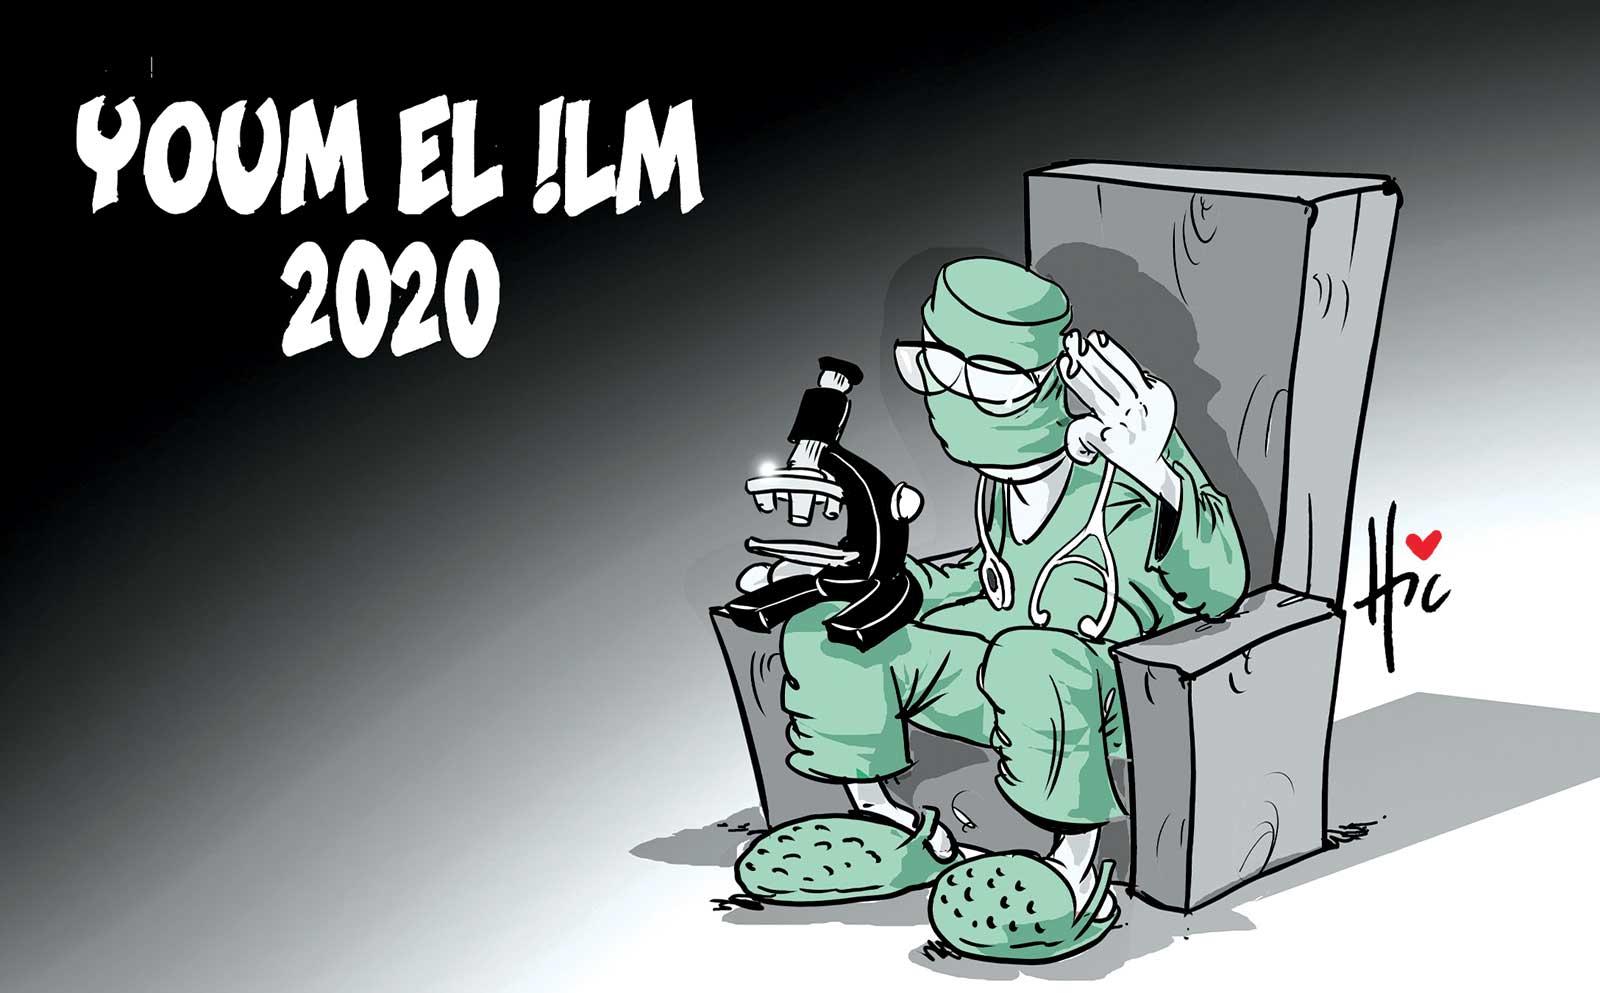 La journée du savoir (youm el ilm) 2020 - journée du savoir - Gagdz.com